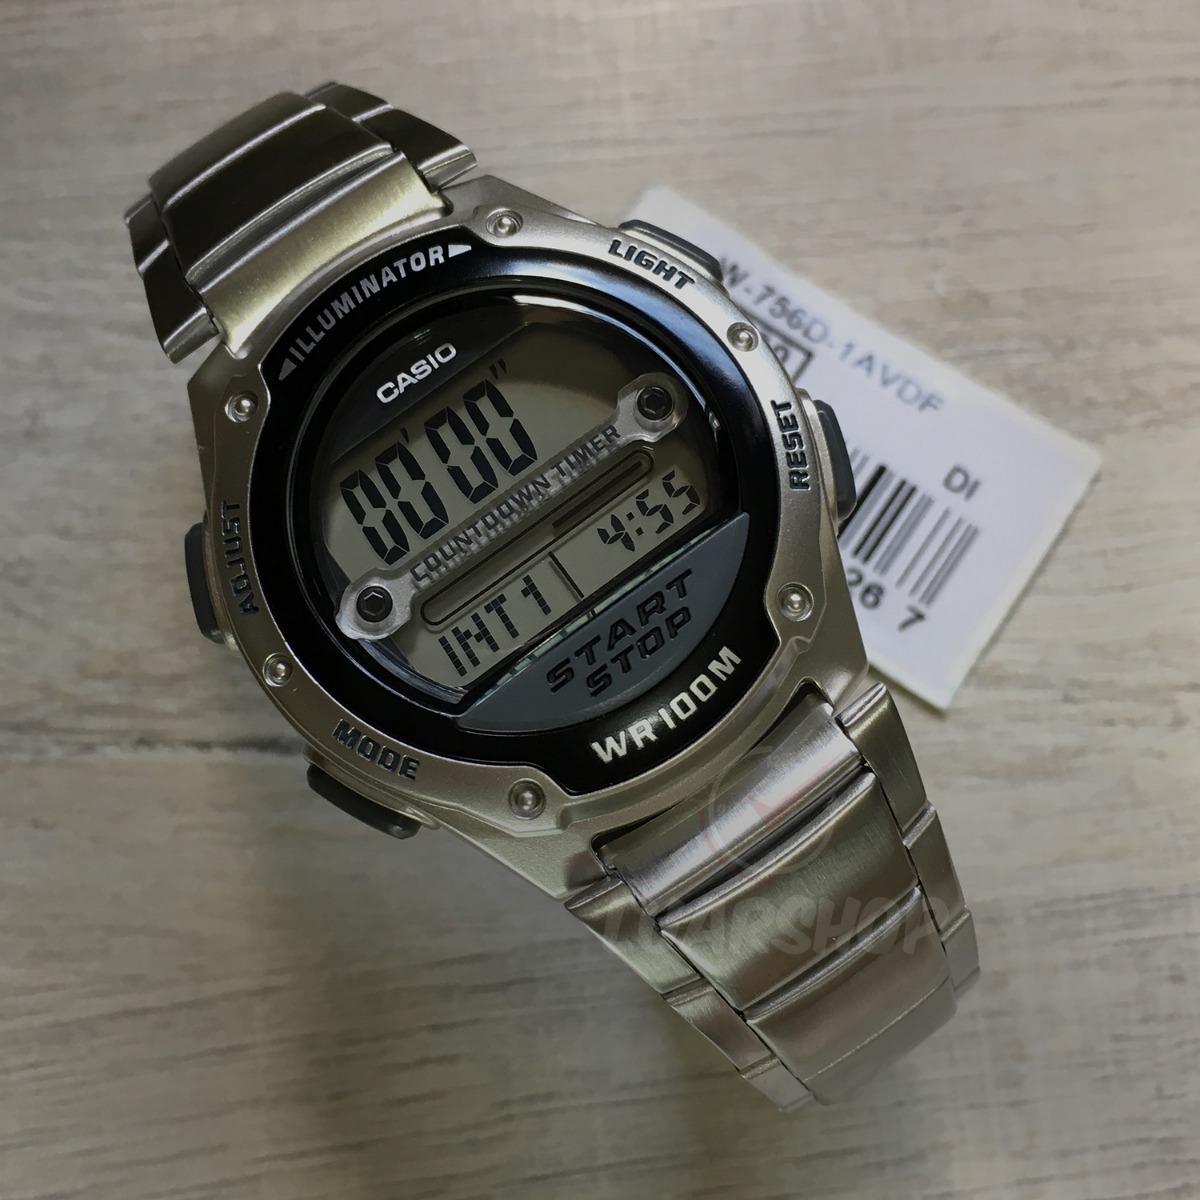 64bc261e51d Carregando zoom... casio masculino relógio. Carregando zoom... relógio  casio digital masculino w756d temporizador original